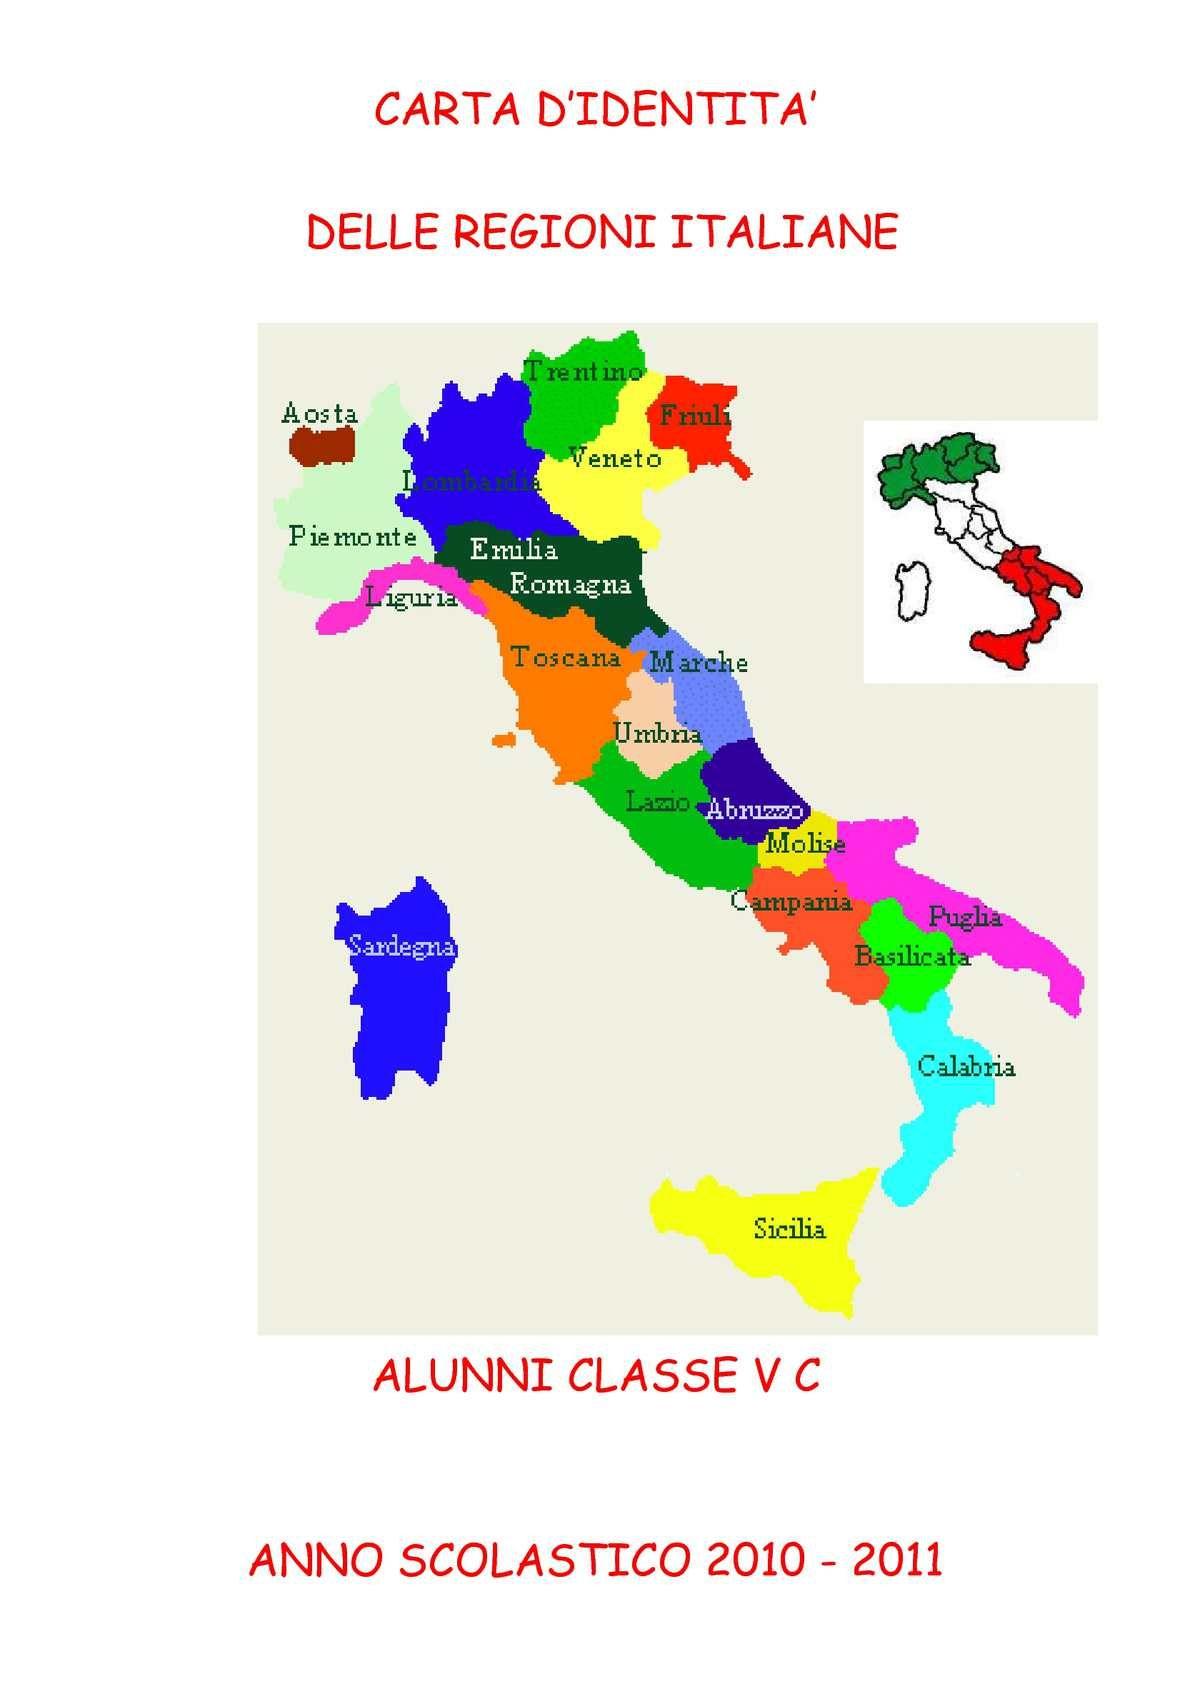 Carta D Identita Delle Regioni Italiane 1 Piemont Emilia